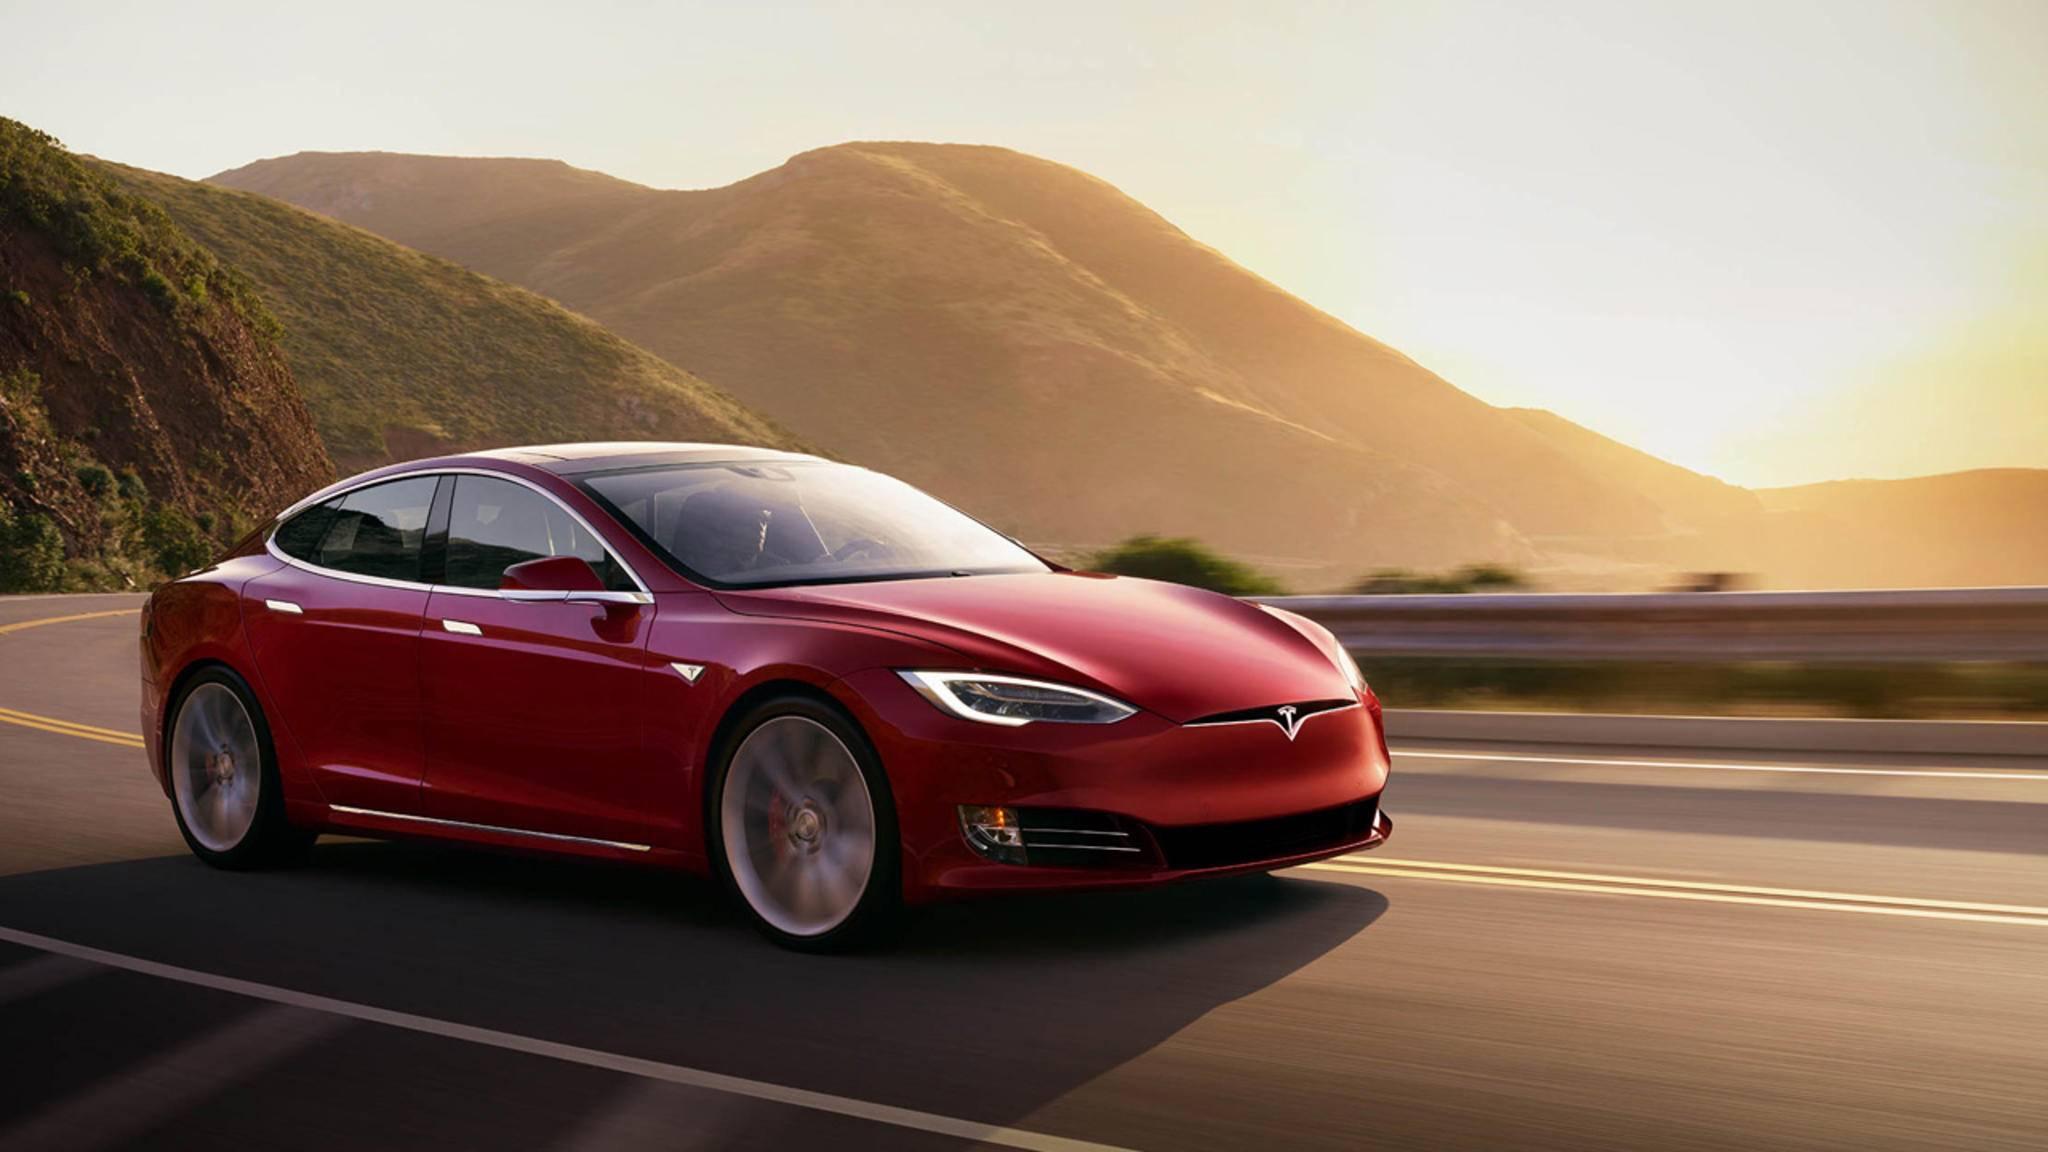 Das Tesla Model S war als erstes Fahrzeug des Herstellers mit Autopilot erhältlich.